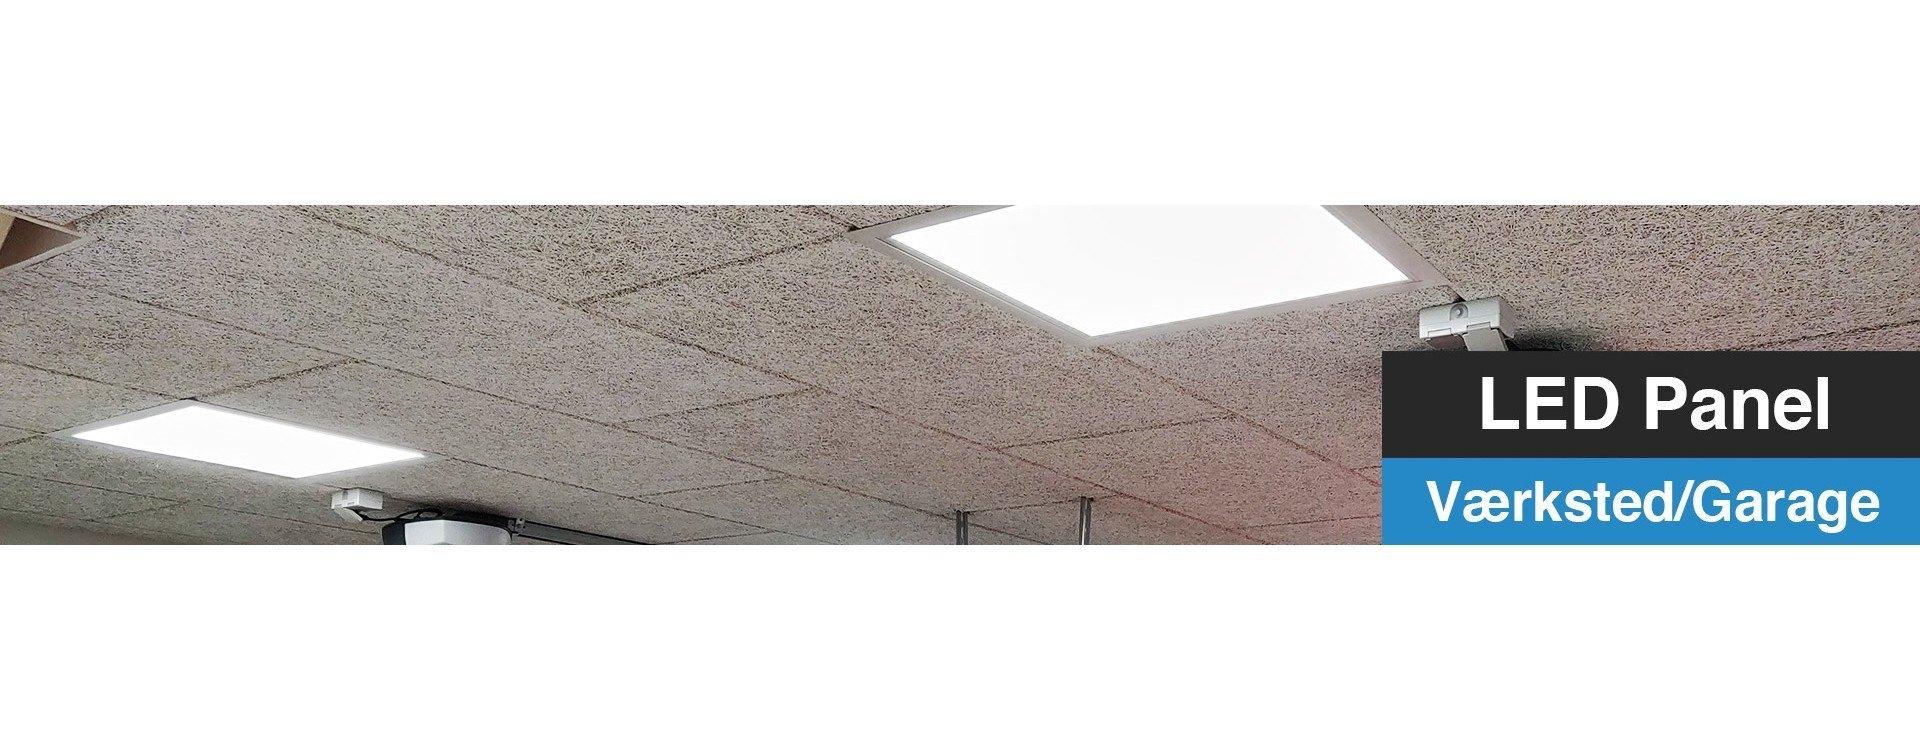 LED Panel - Værksted/Garage